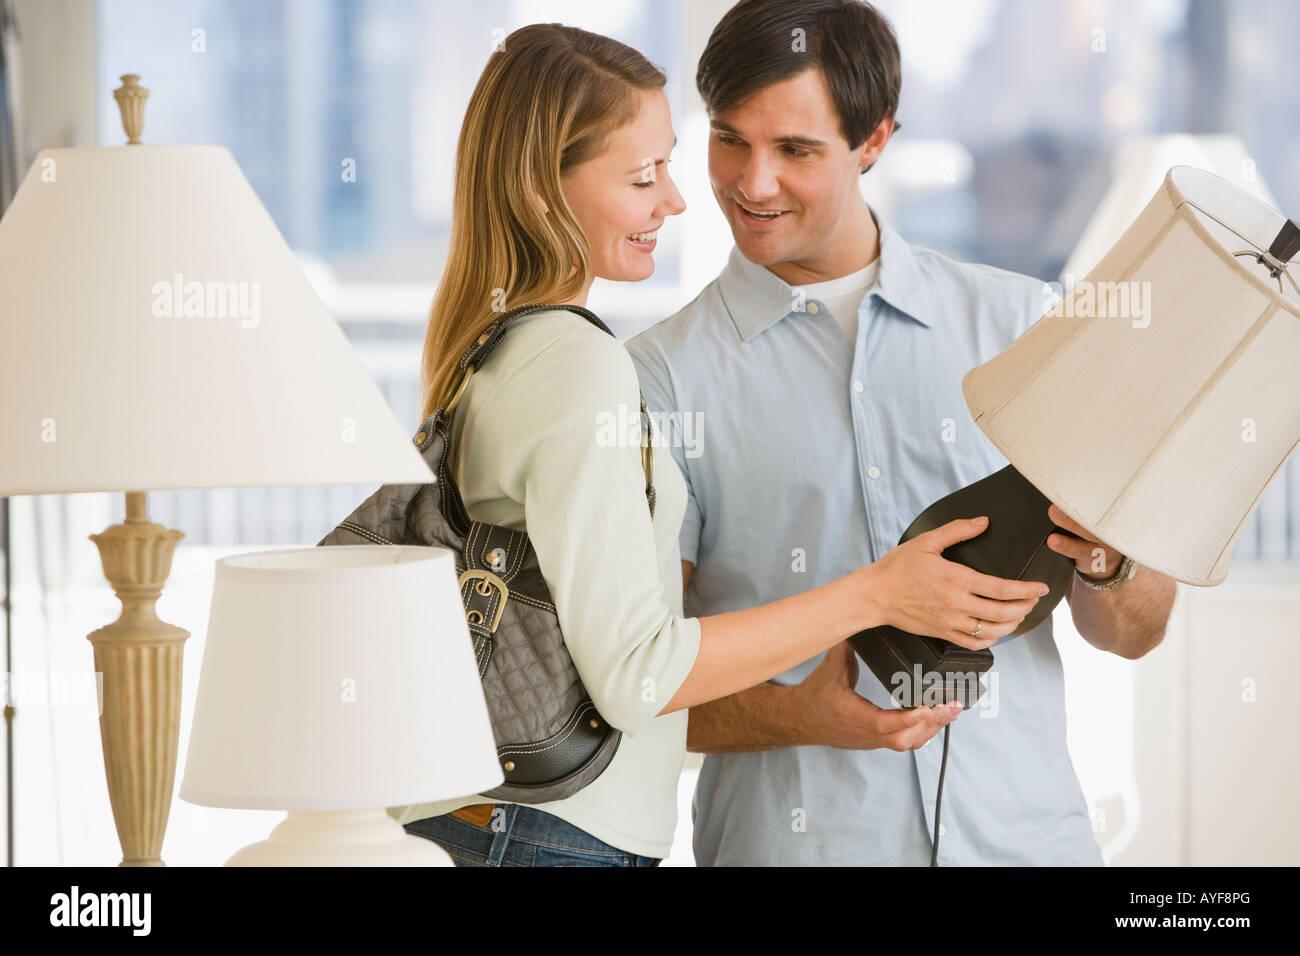 Paar shopping für Beleuchtung Stockfoto